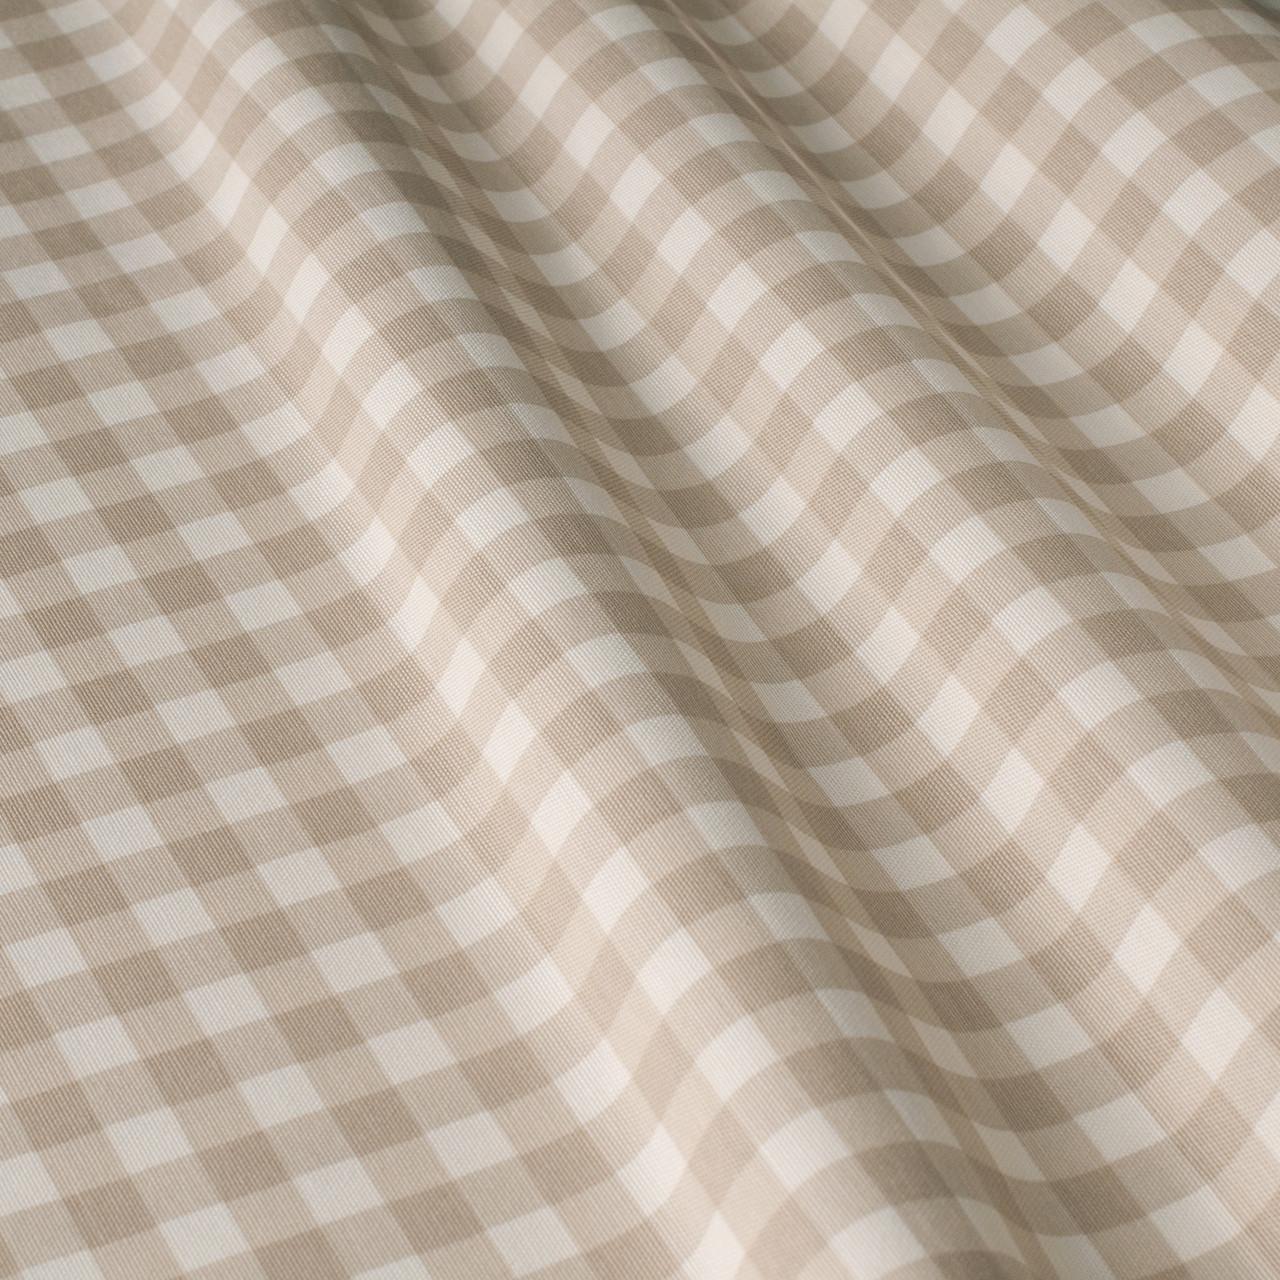 Декоративна тканина в дрібну клітку біло-бежевого кольору Туреччина 84581v35